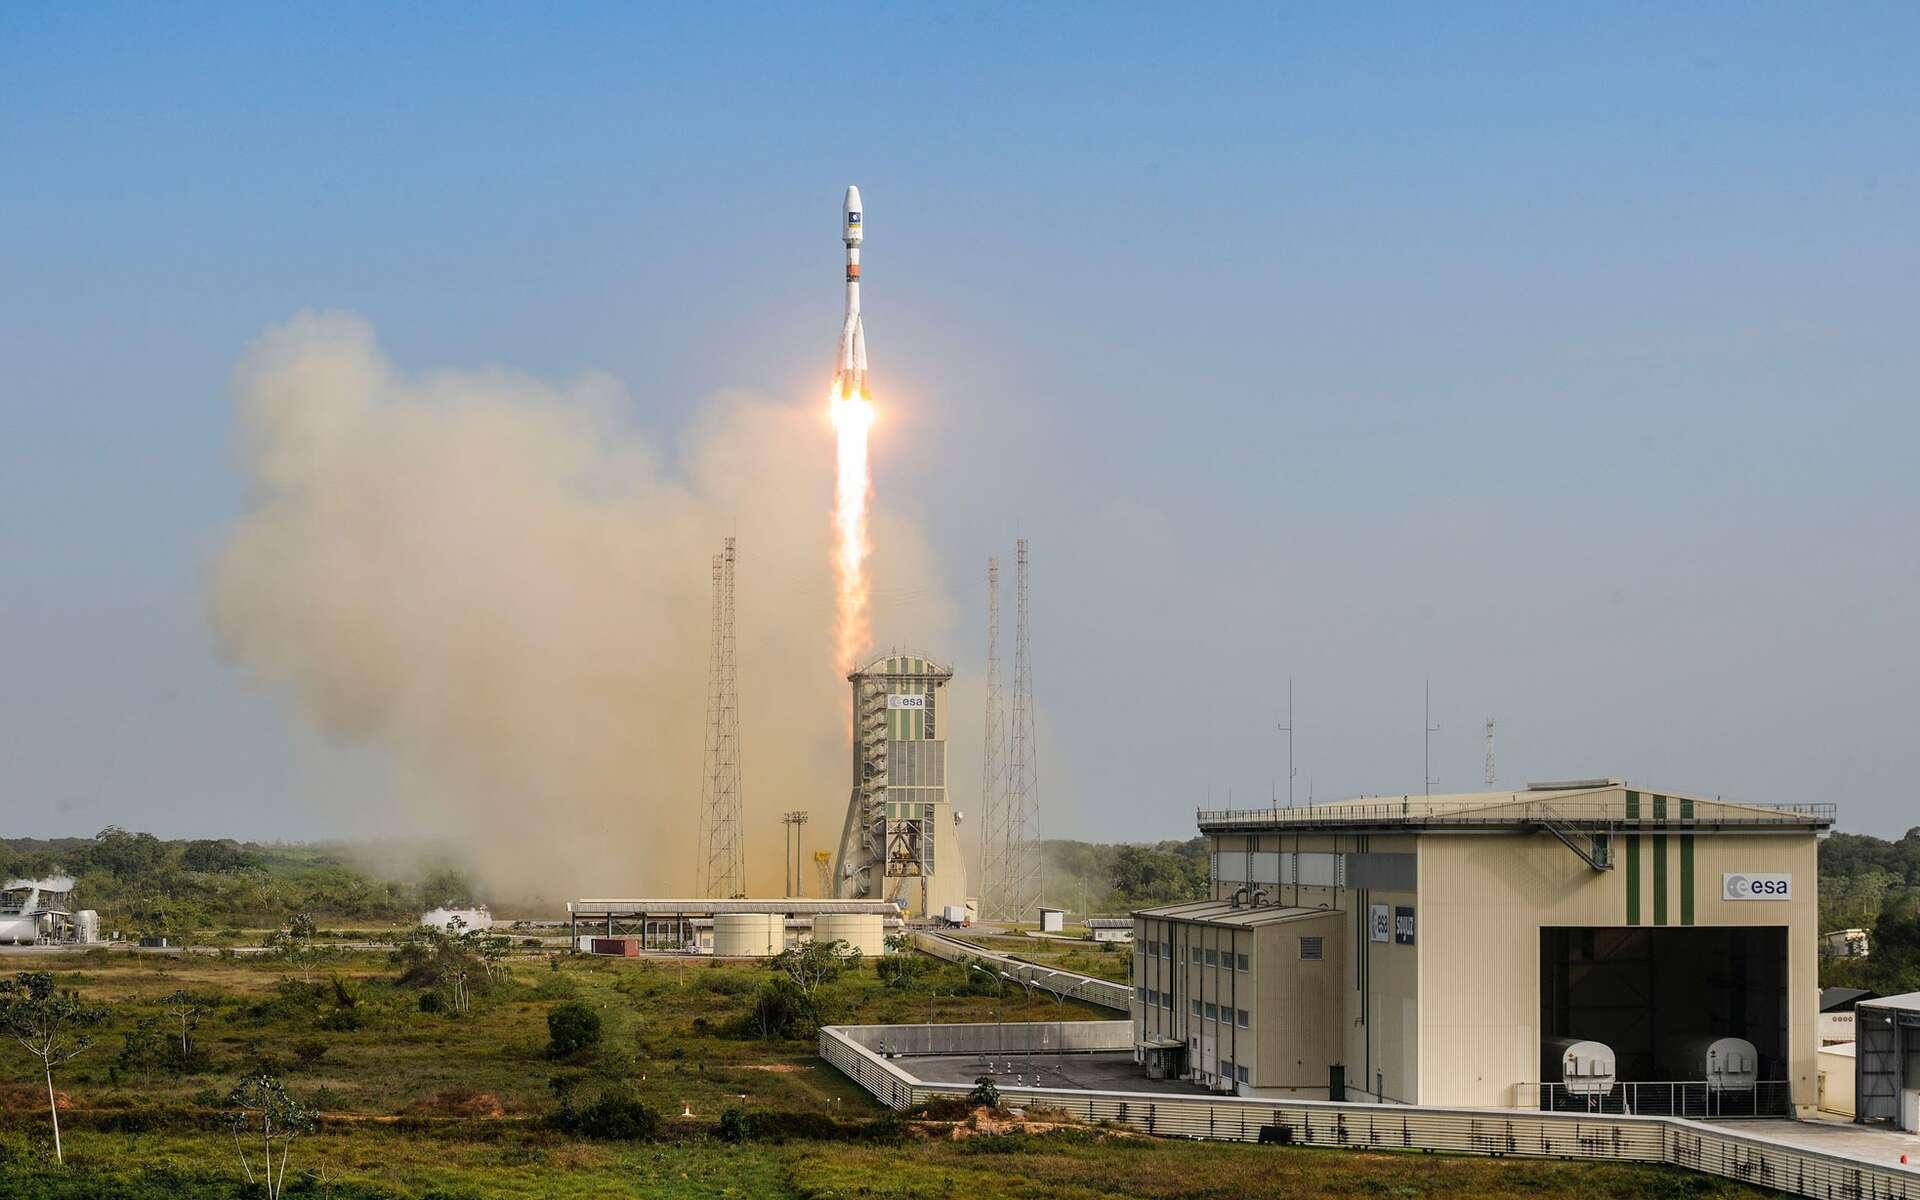 Ce soir, le lanceur russe Soyouz emmènera le satellite Microscope et quatre autres passagers dans l'espace. Il est ici photographié lors de sa précédente mission depuis le Centre spatial guyanais de Kourou, en décembre 2015. Il avait alors à son bord deux satellites Galileo. © Esa, Cnes, Arianespace / Optique Vidéo du CSG